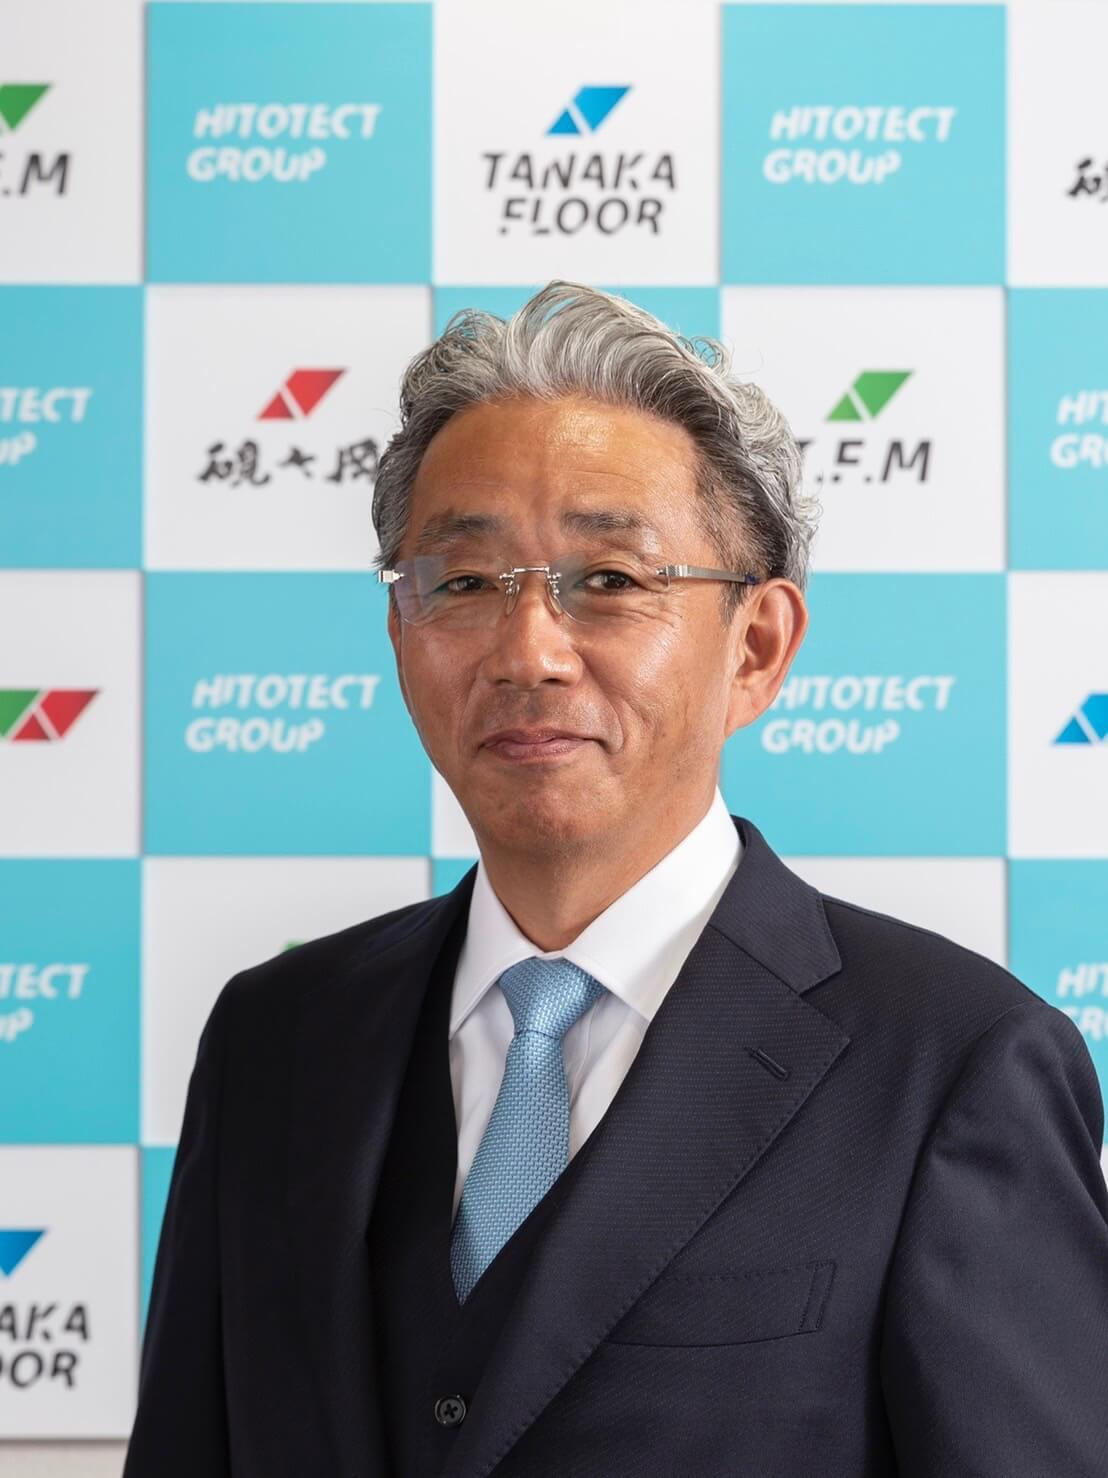 代表者写真「田中誠」